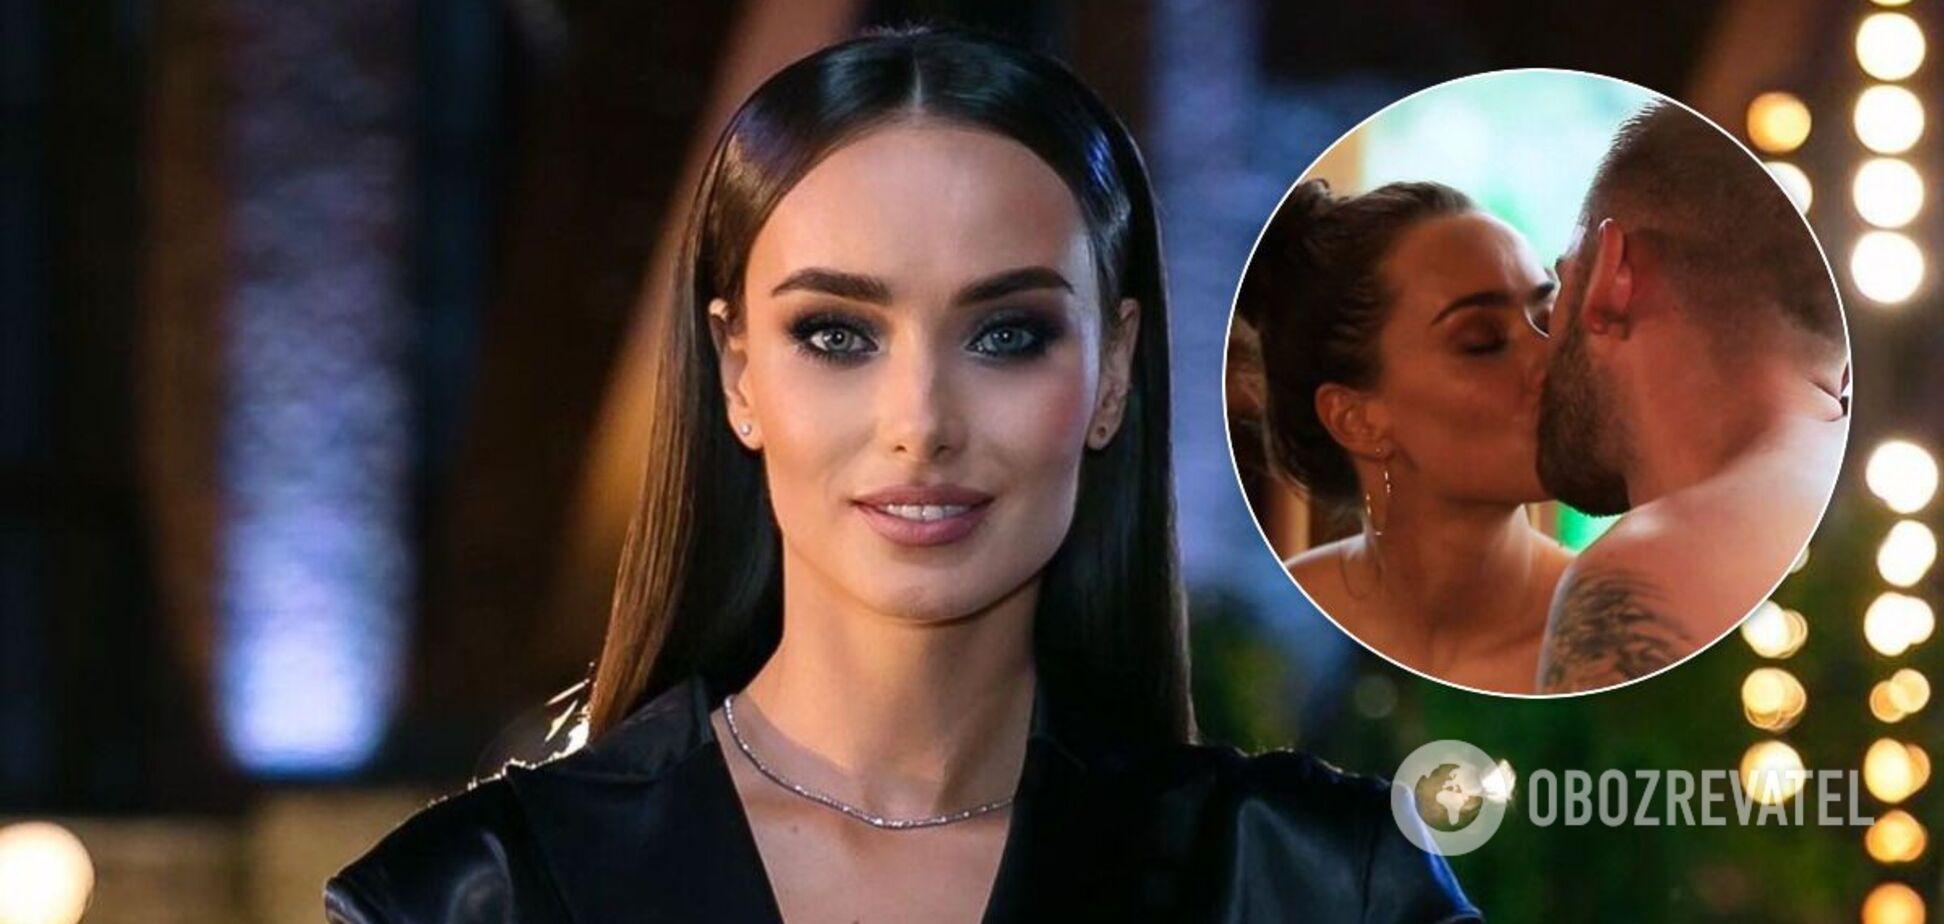 Ксения Мишина и Андрей Рыбак поцеловались на шоу 'Холостячка'